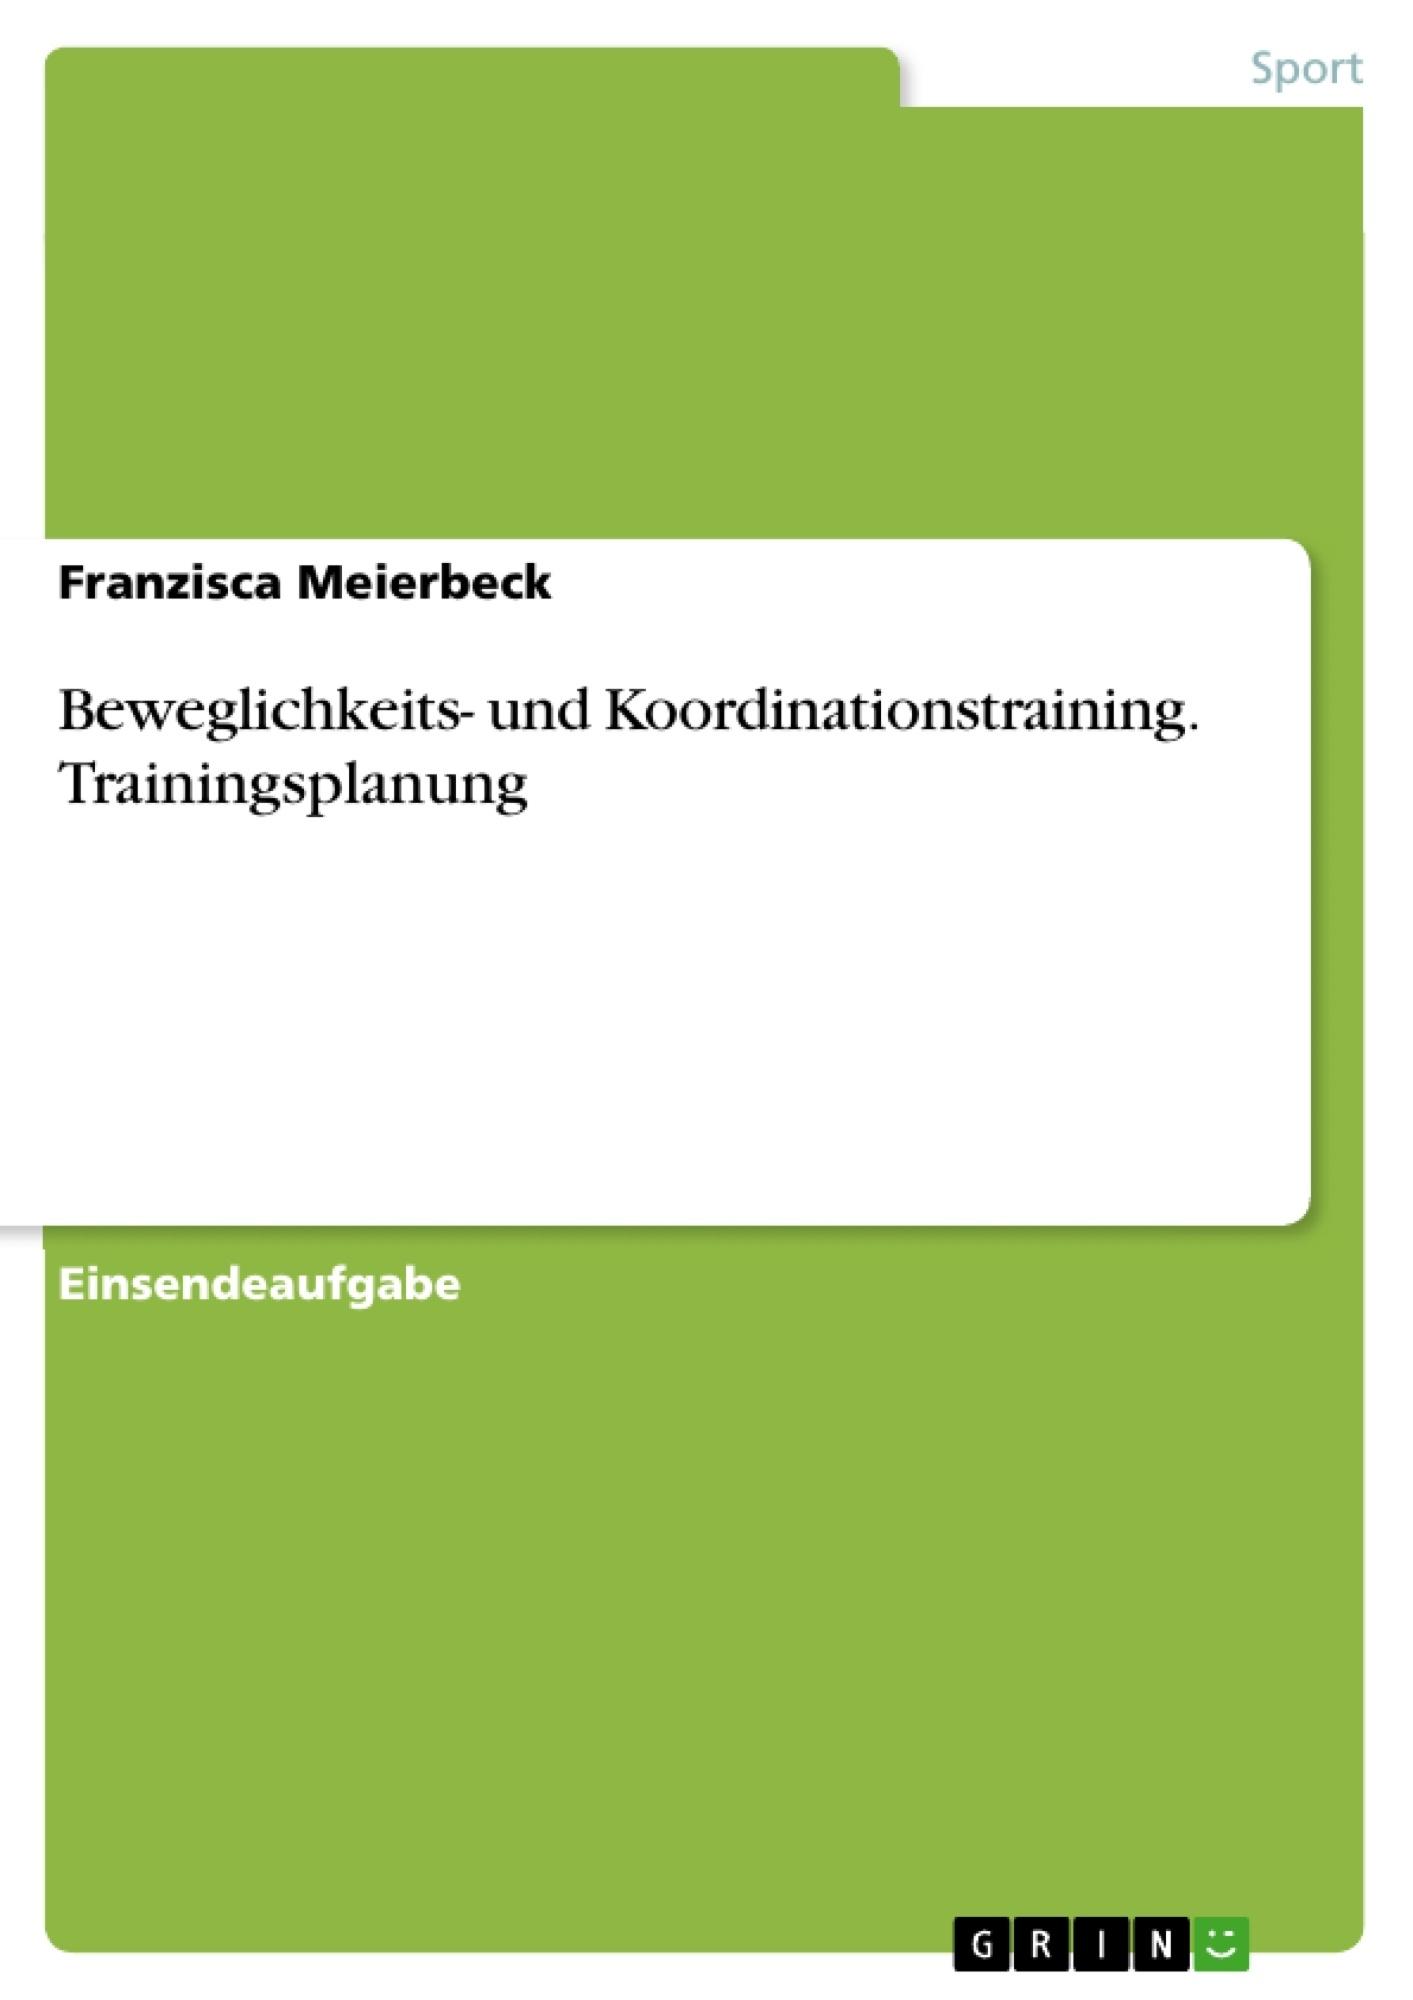 Titel: Beweglichkeits- und Koordinationstraining. Trainingsplanung